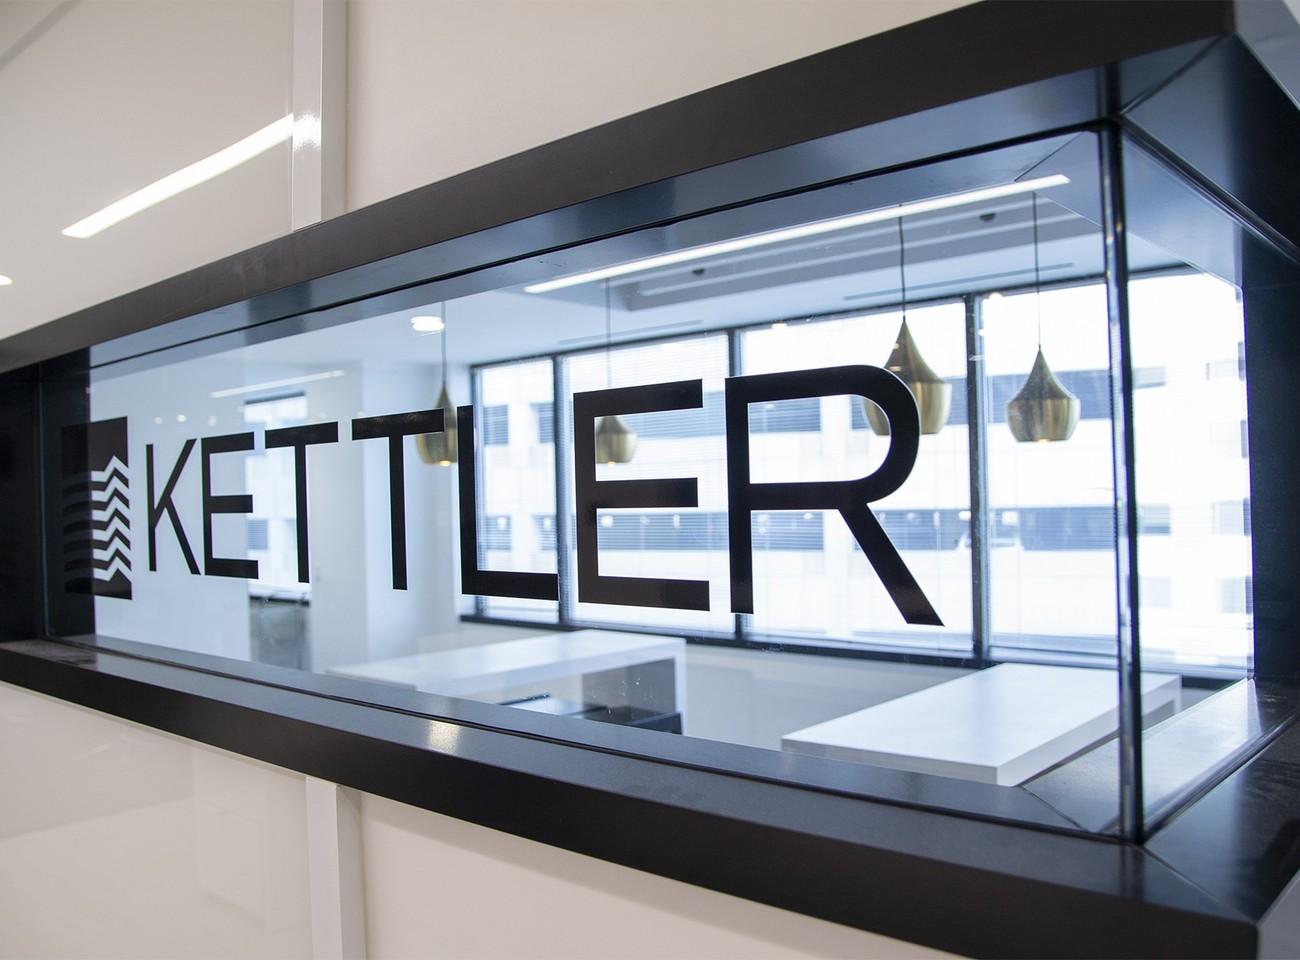 KETTLER Careers